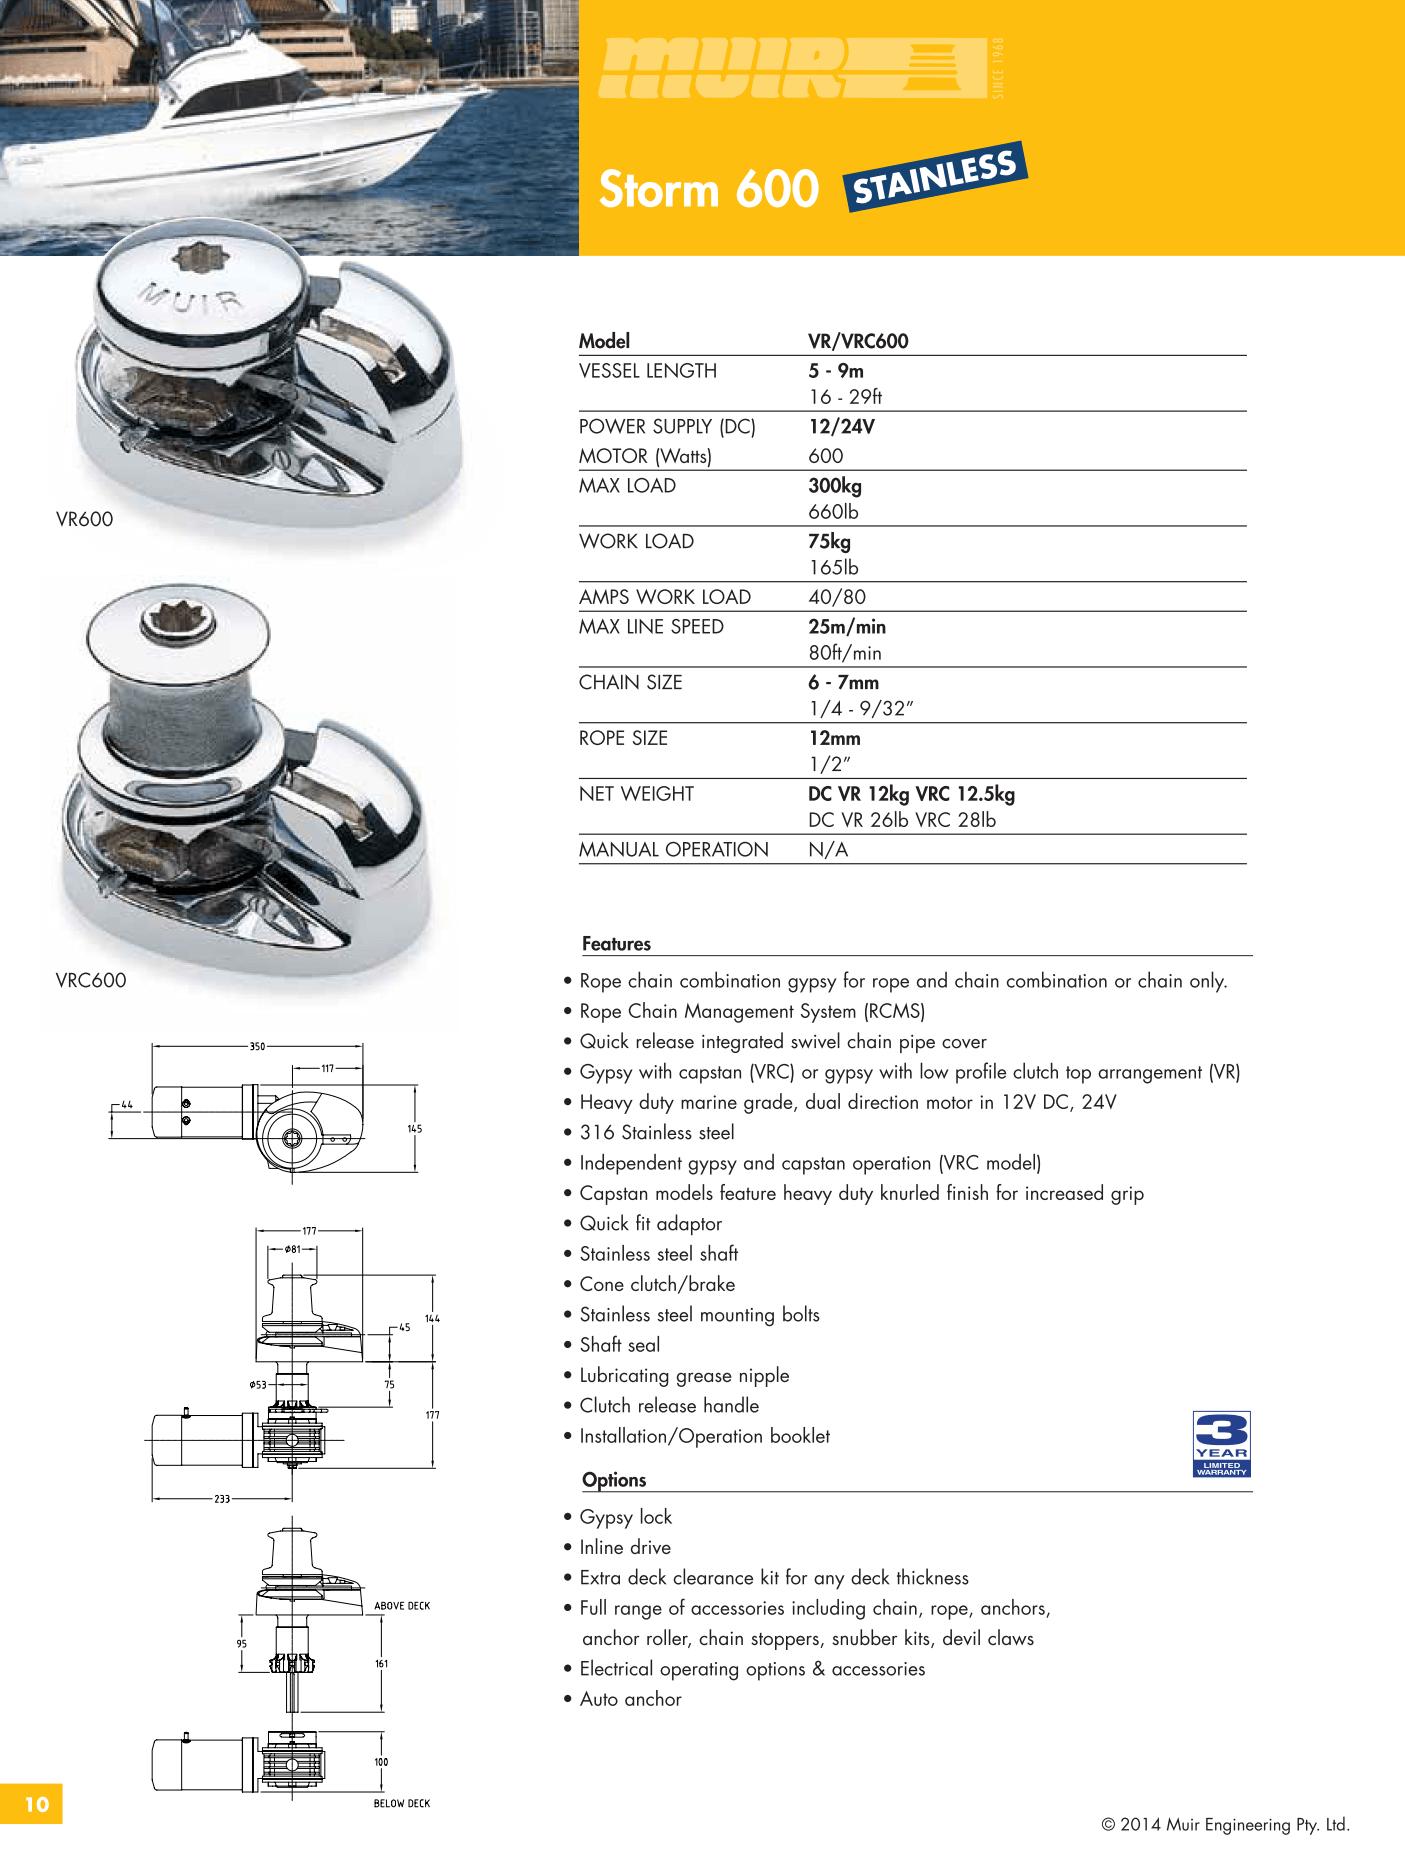 Datenblatt MUIR elektrische vertikale Ankerwinde für Motorboote, Segelyachten und Sportboote VR600 VRC600